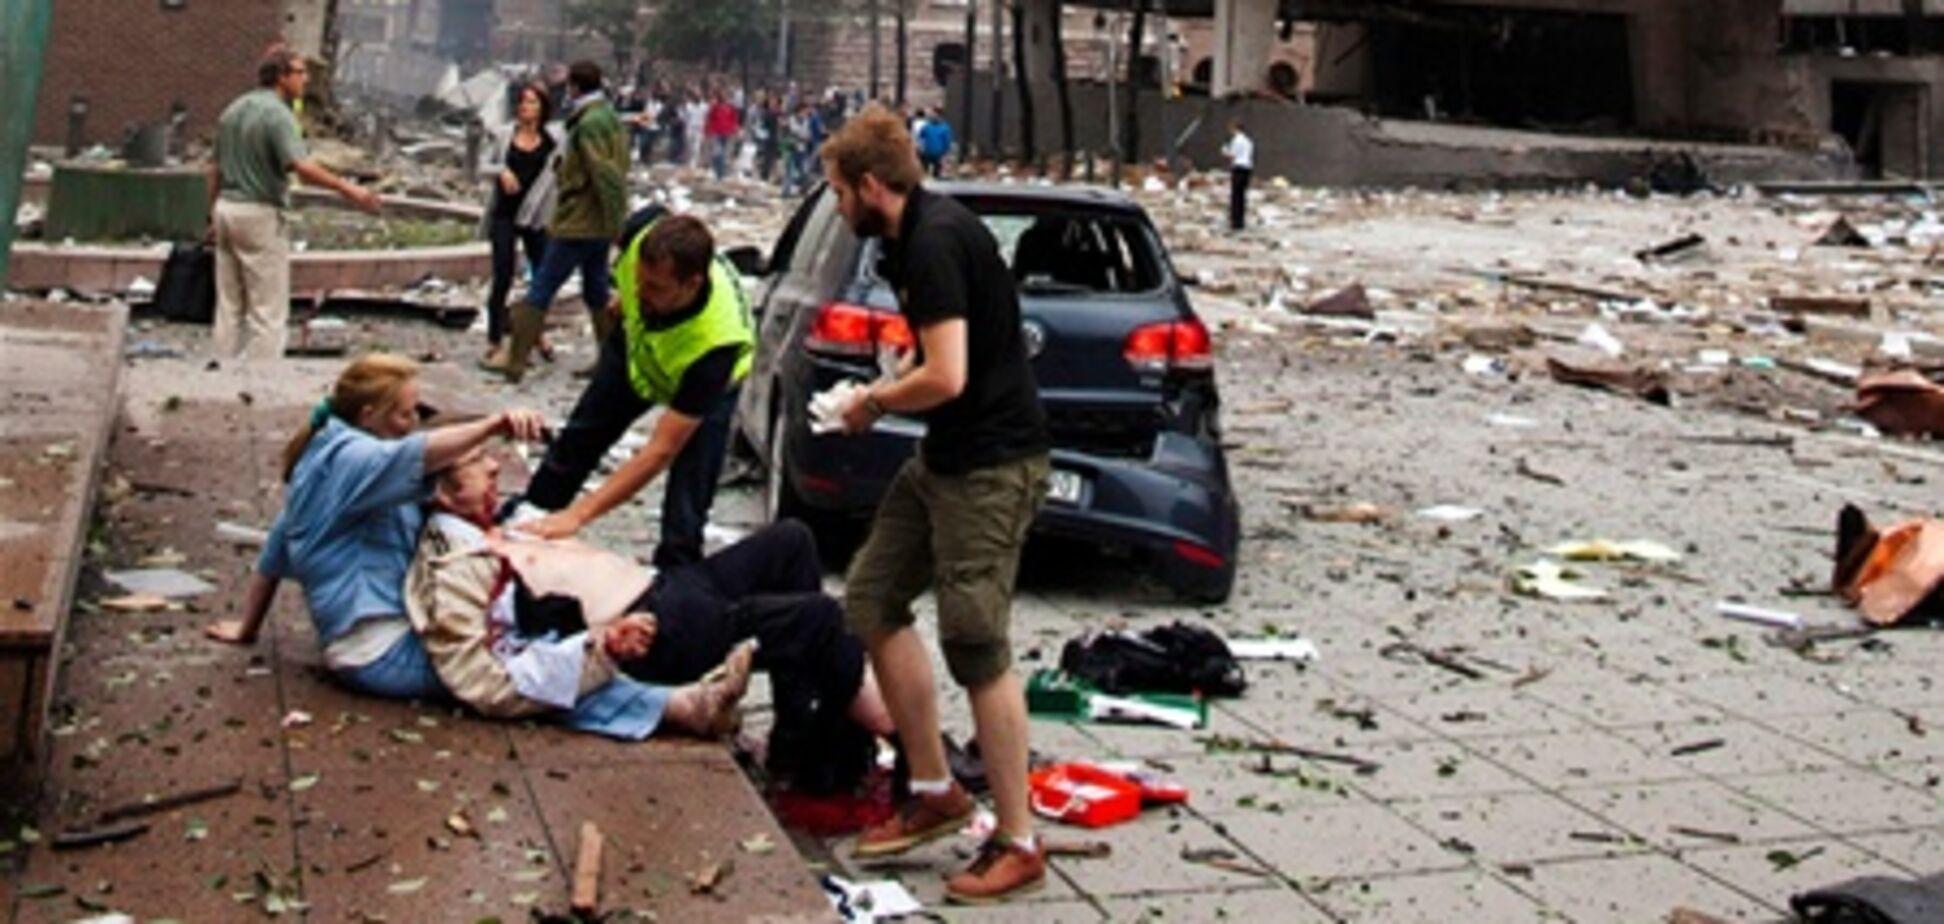 Брейвик заложил бомбу весом 500 кг и планировал еще 2 теракта